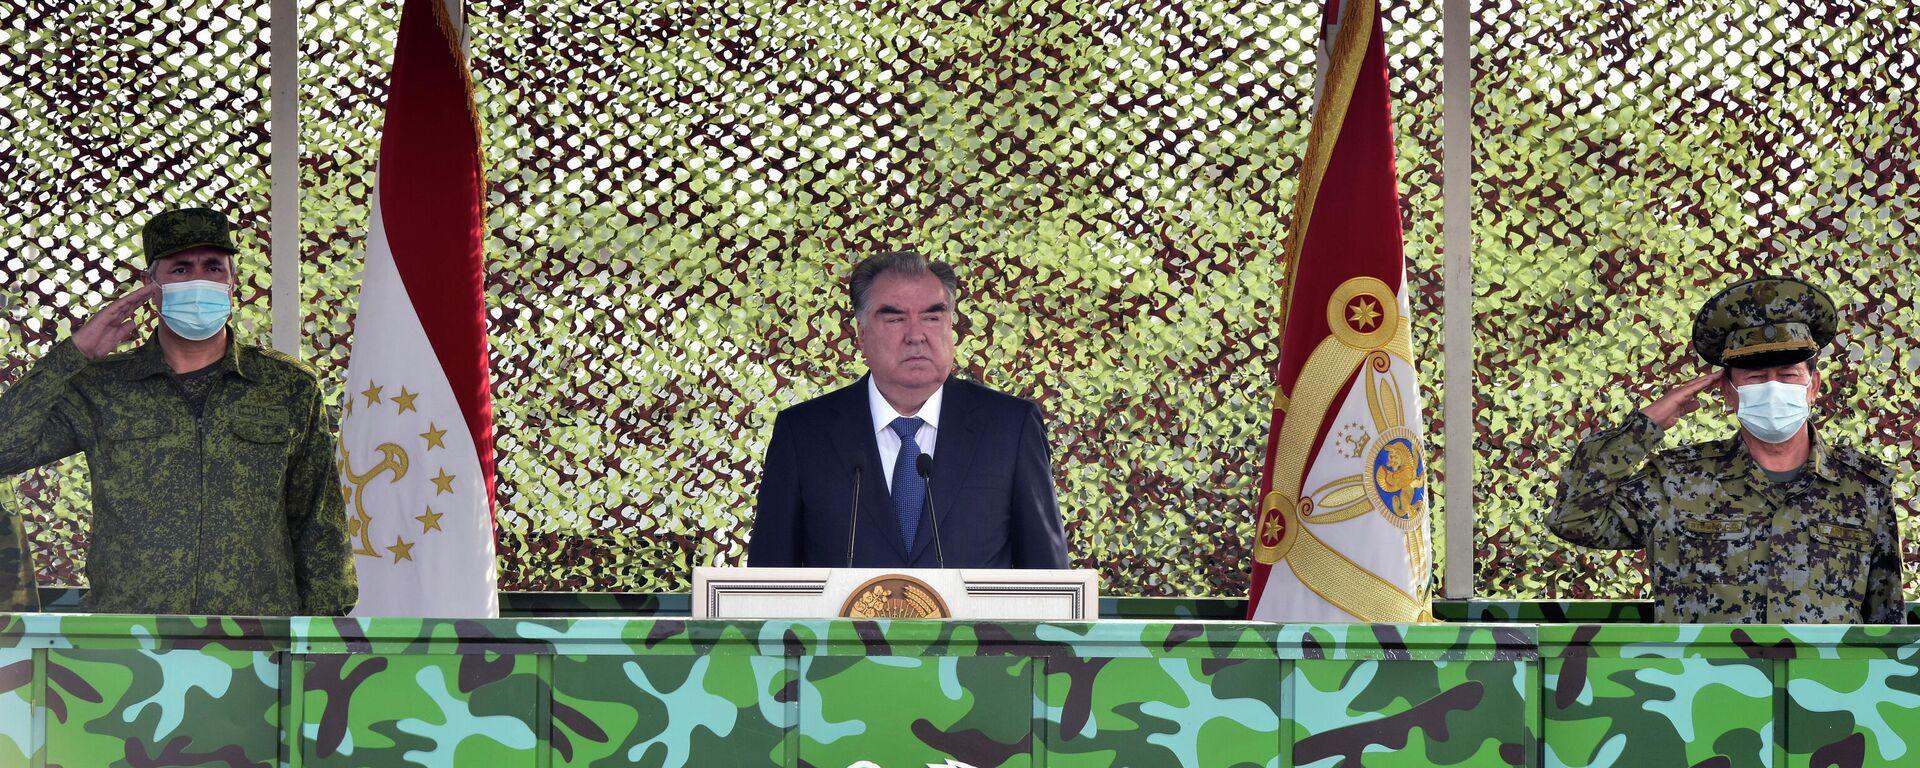 Президент Таджикистана Эмомали Рахмон - Sputnik Таджикистан, 1920, 22.07.2021